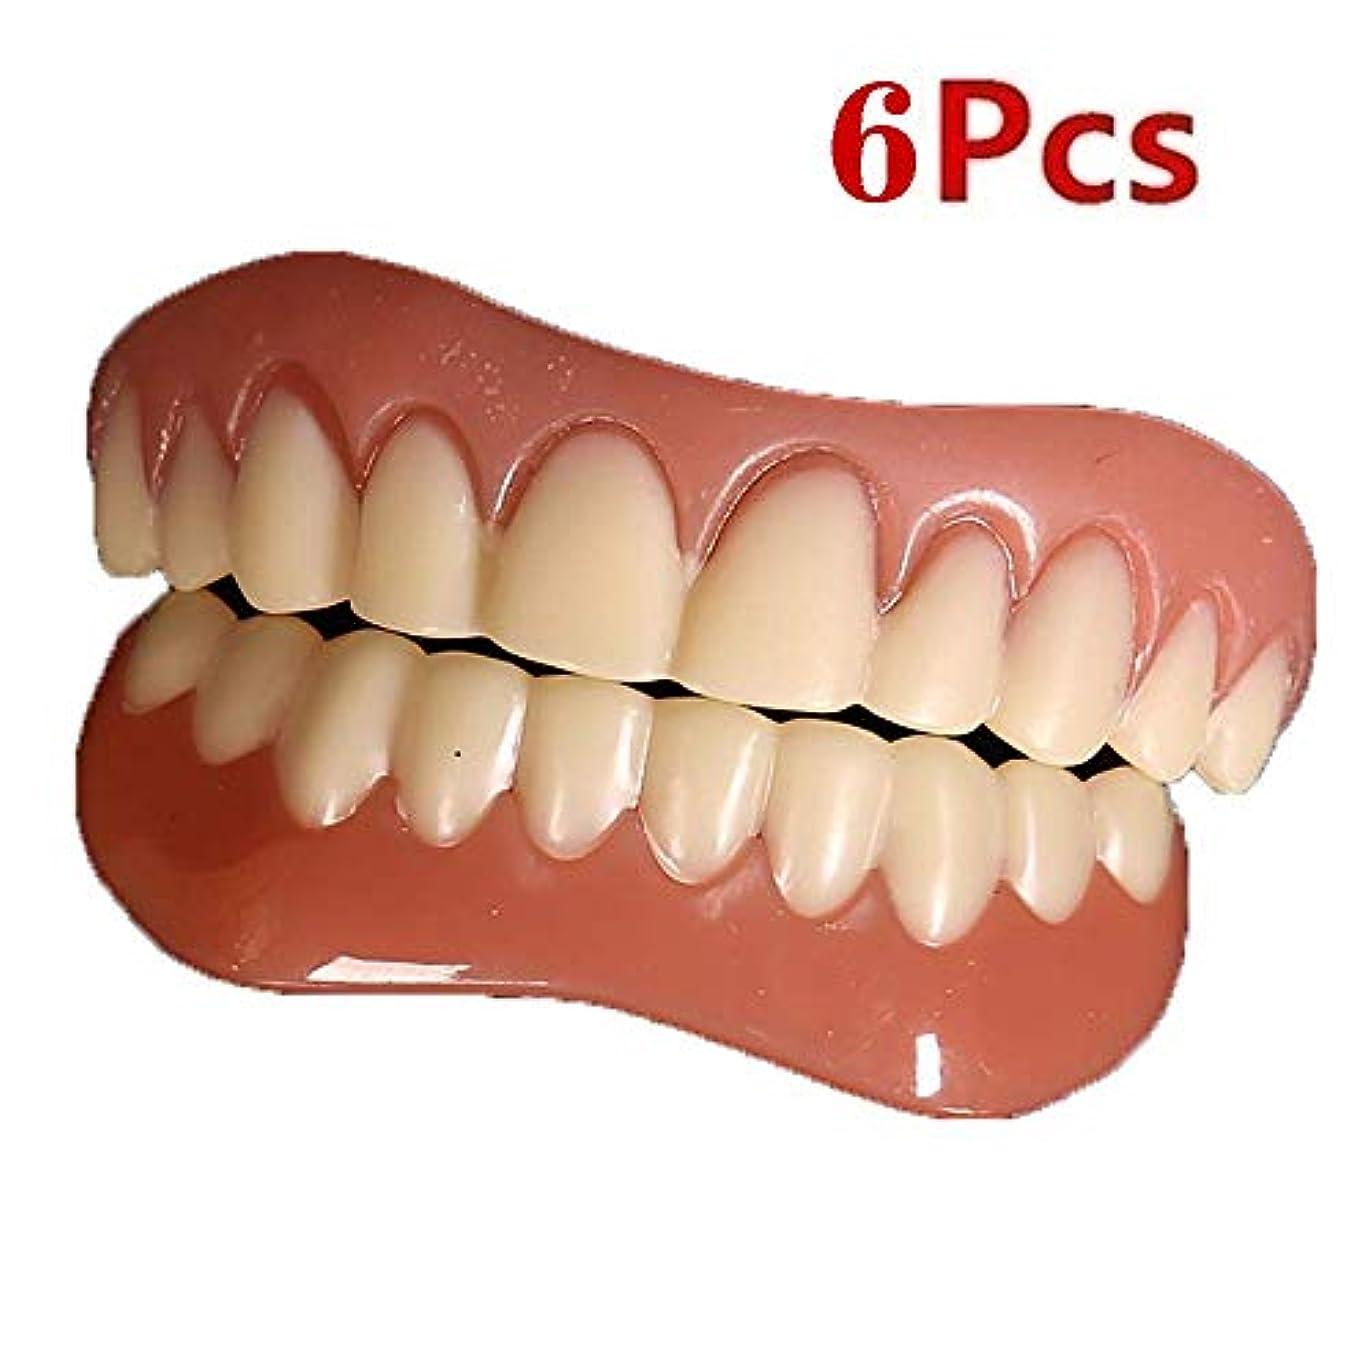 スパイラルゴミ箱担当者6個のインスタントスマイルの歯アッパーロアーベニアの快適さフィットの歯のベニヤ、ワンサイズは数分以内に自宅であなたの笑顔を直す